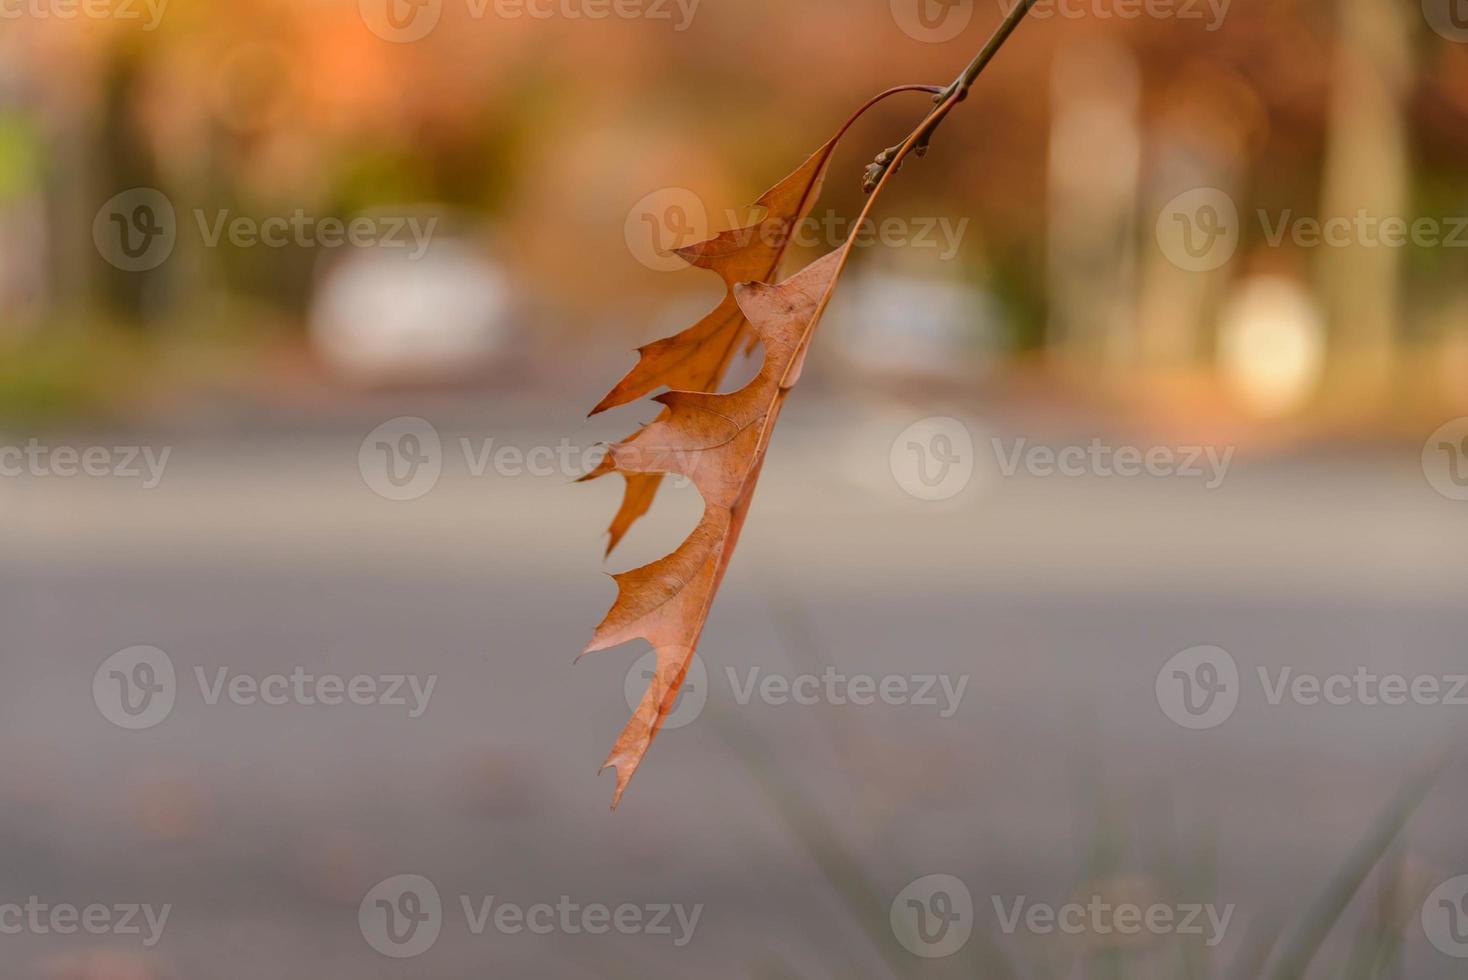 saison de l'automne photo